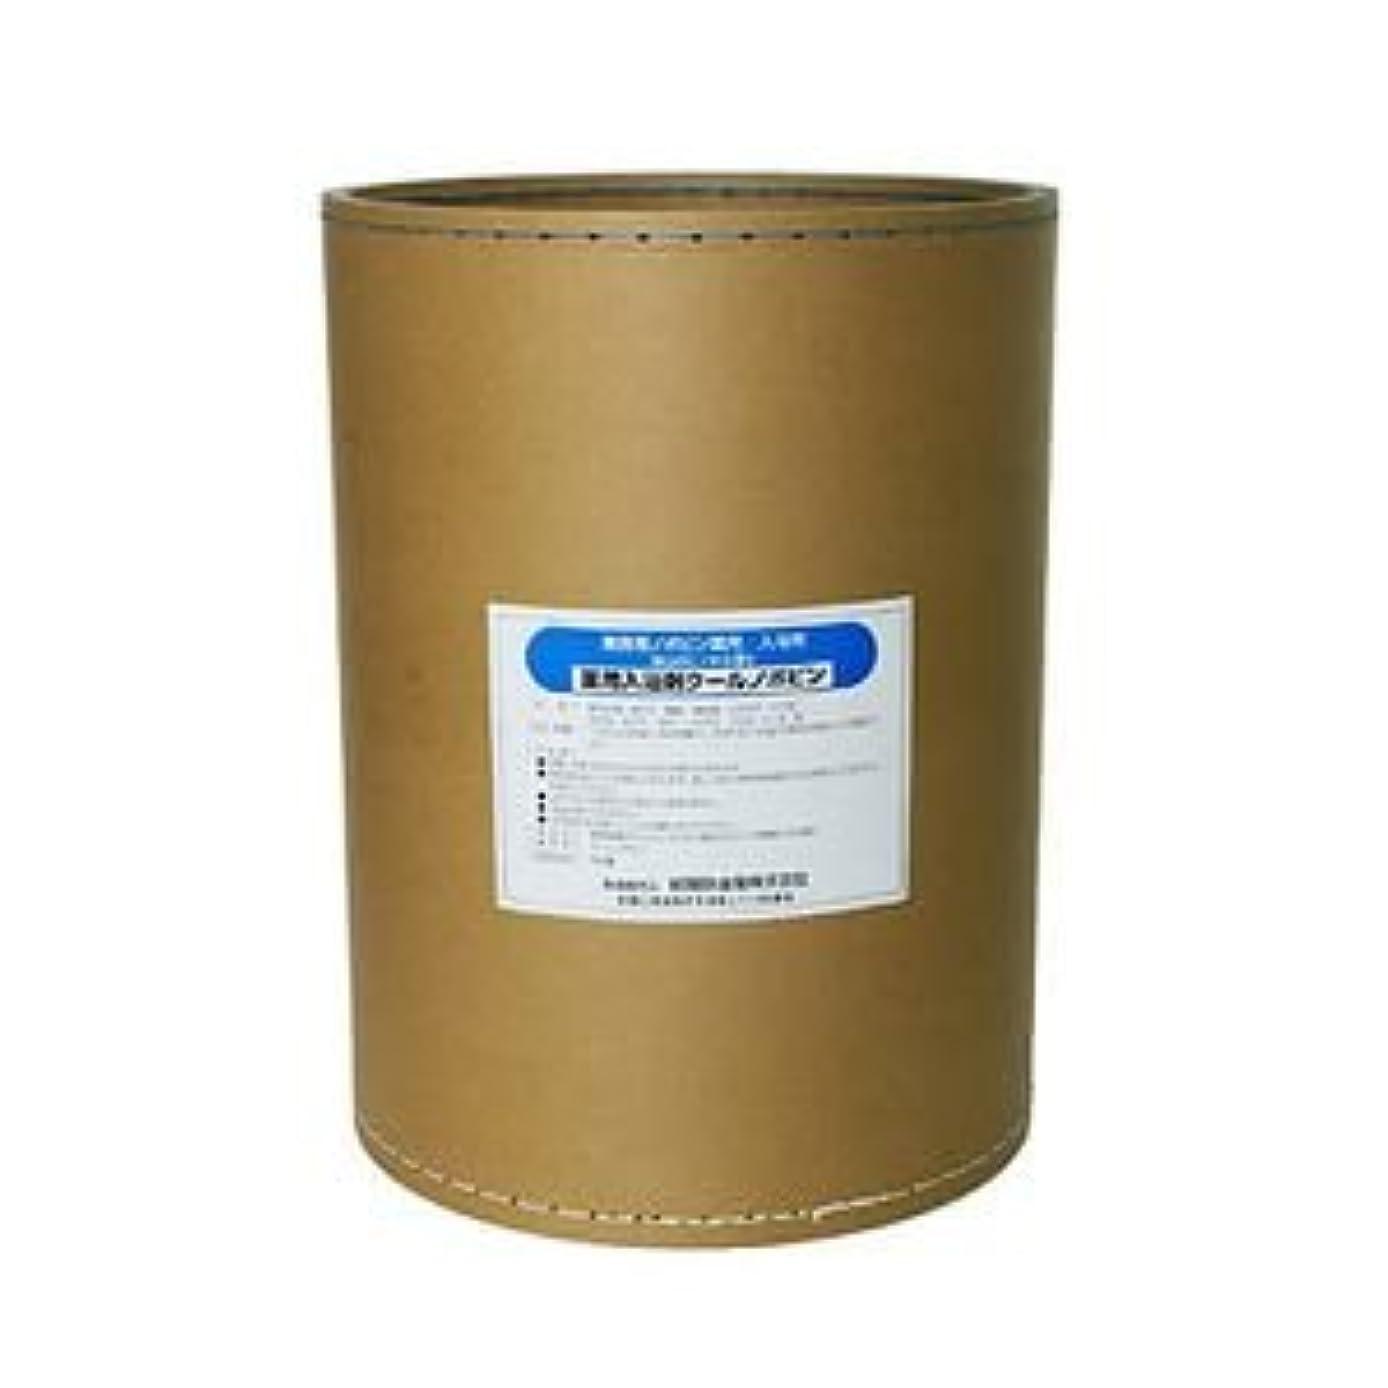 明るいハック消毒する業務用入浴剤 クールノボピン 18kg